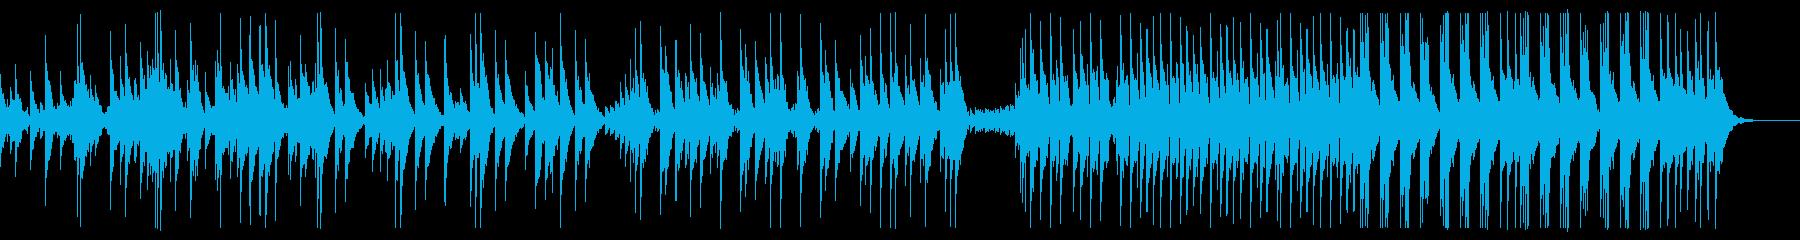 速いリズムの大太鼓ソロの再生済みの波形